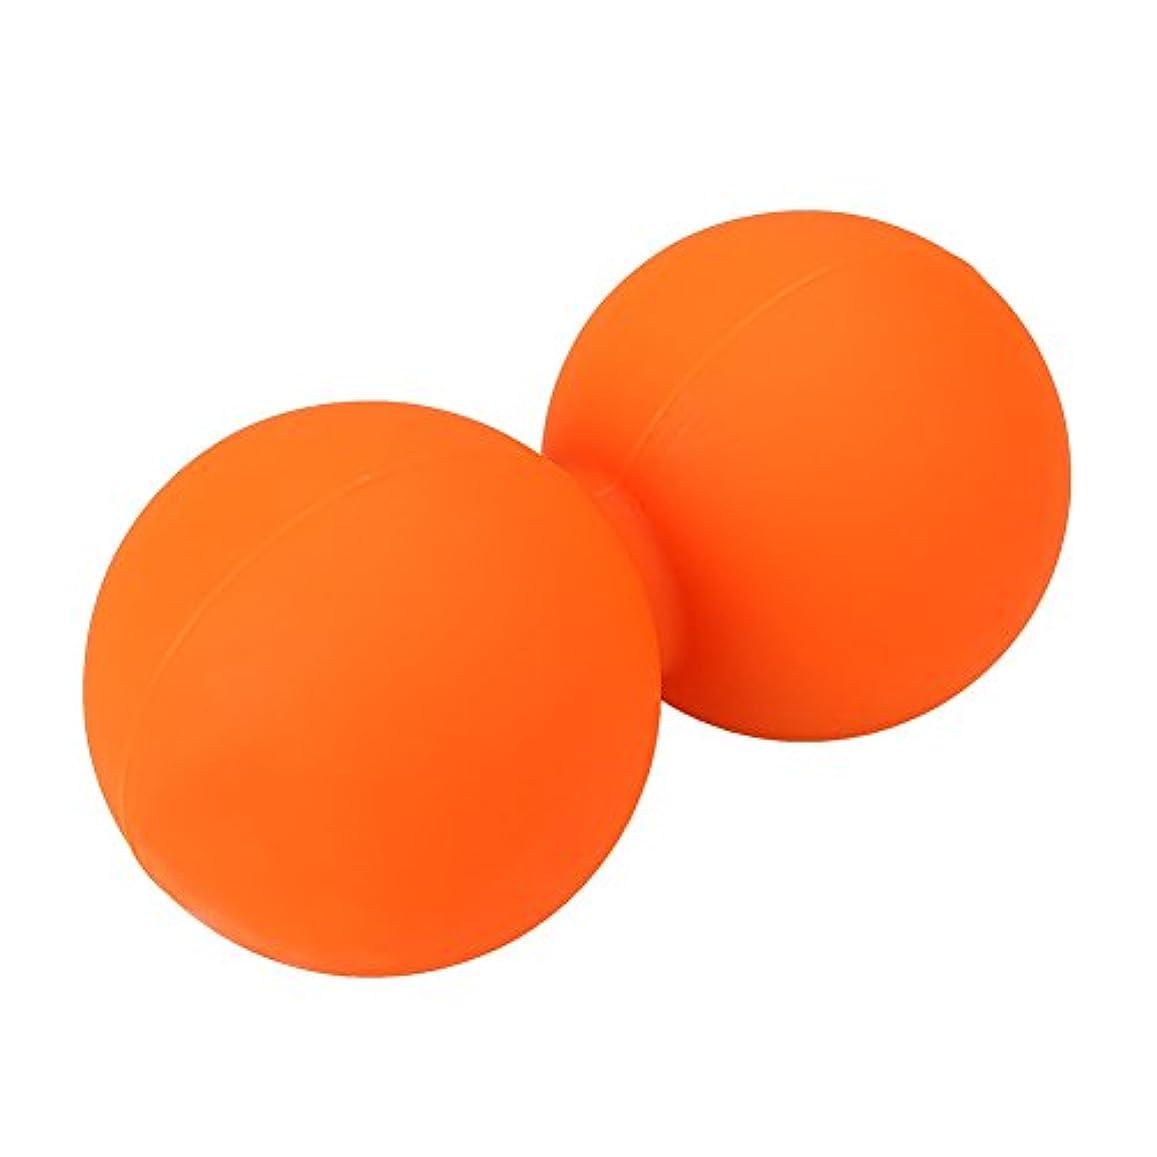 見物人代数的おなじみのwlgreatsp ダブルラクロスMyofascialトリガーポイントリリースマッサージクロスボールエクササイズ